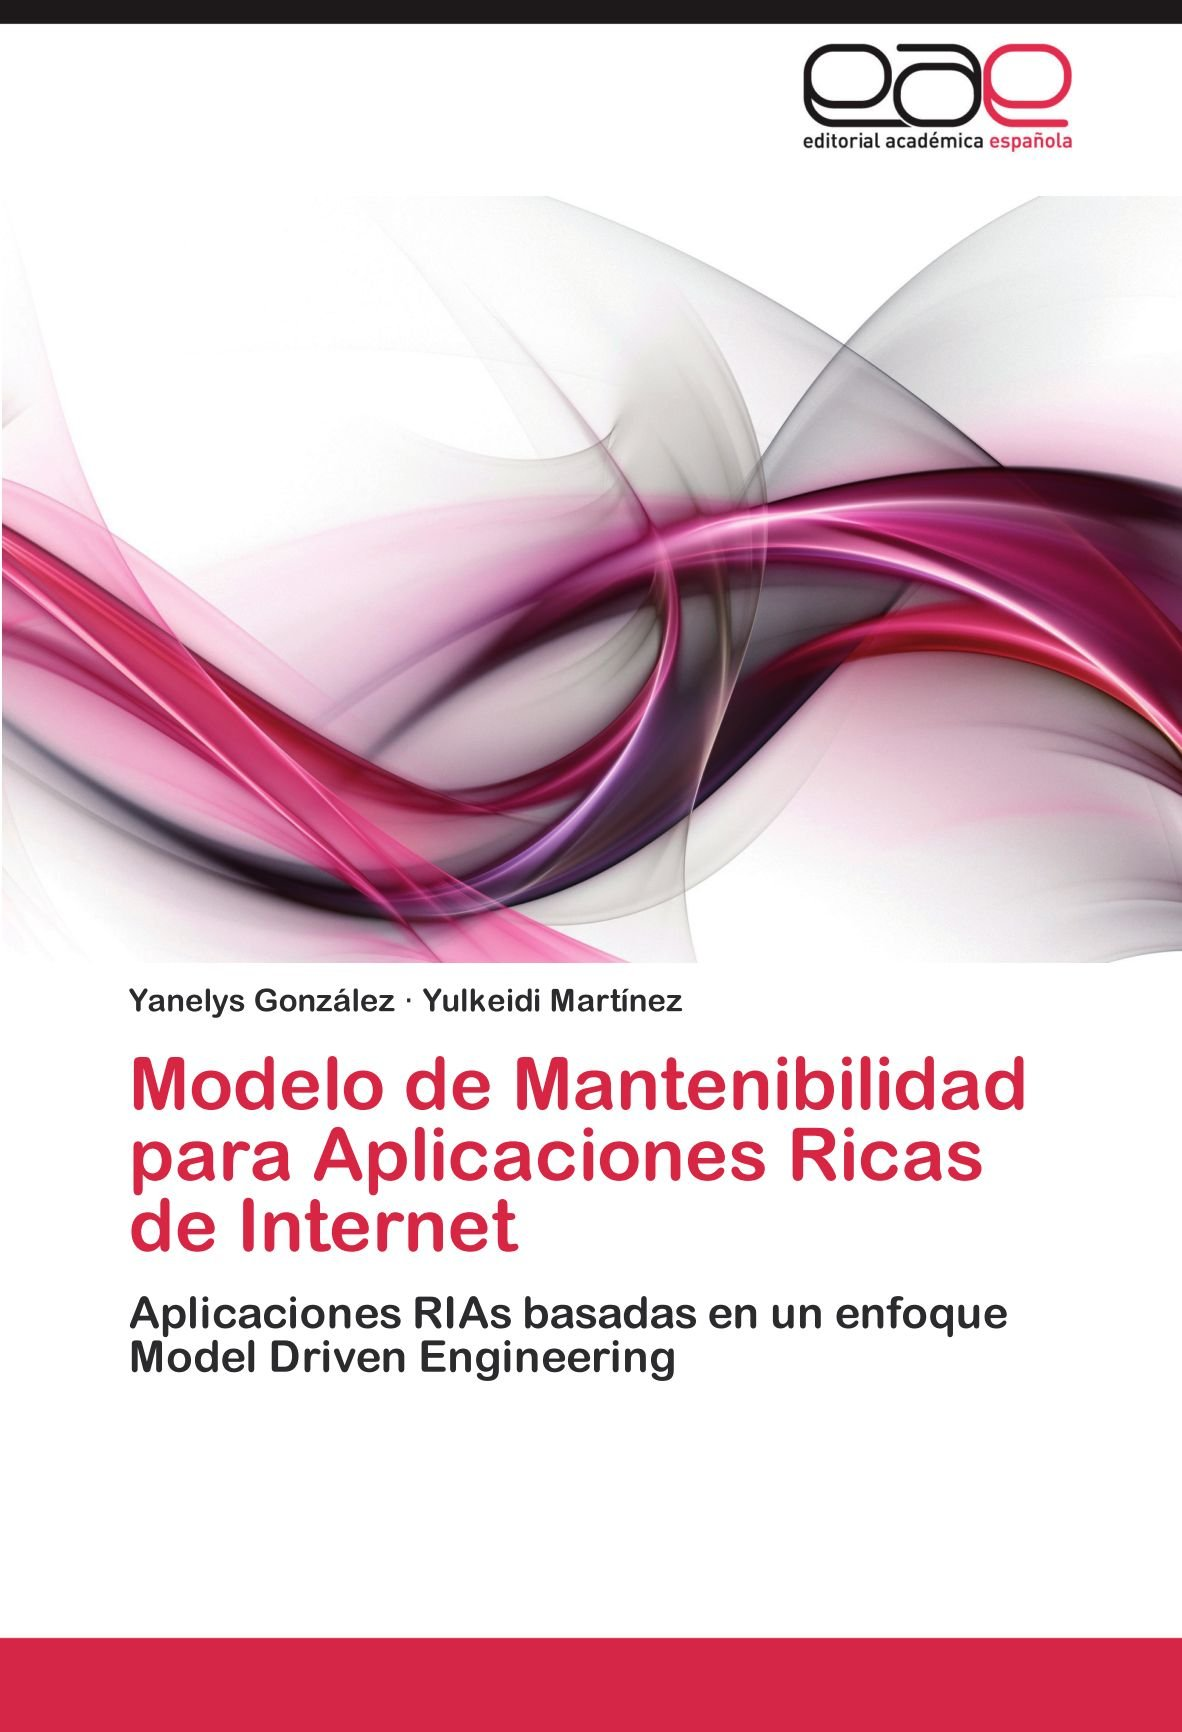 Download Modelo de Mantenibilidad para Aplicaciones Ricas de Internet: Aplicaciones RIAs basadas en un enfoque Model Driven Engineering (Spanish Edition) PDF